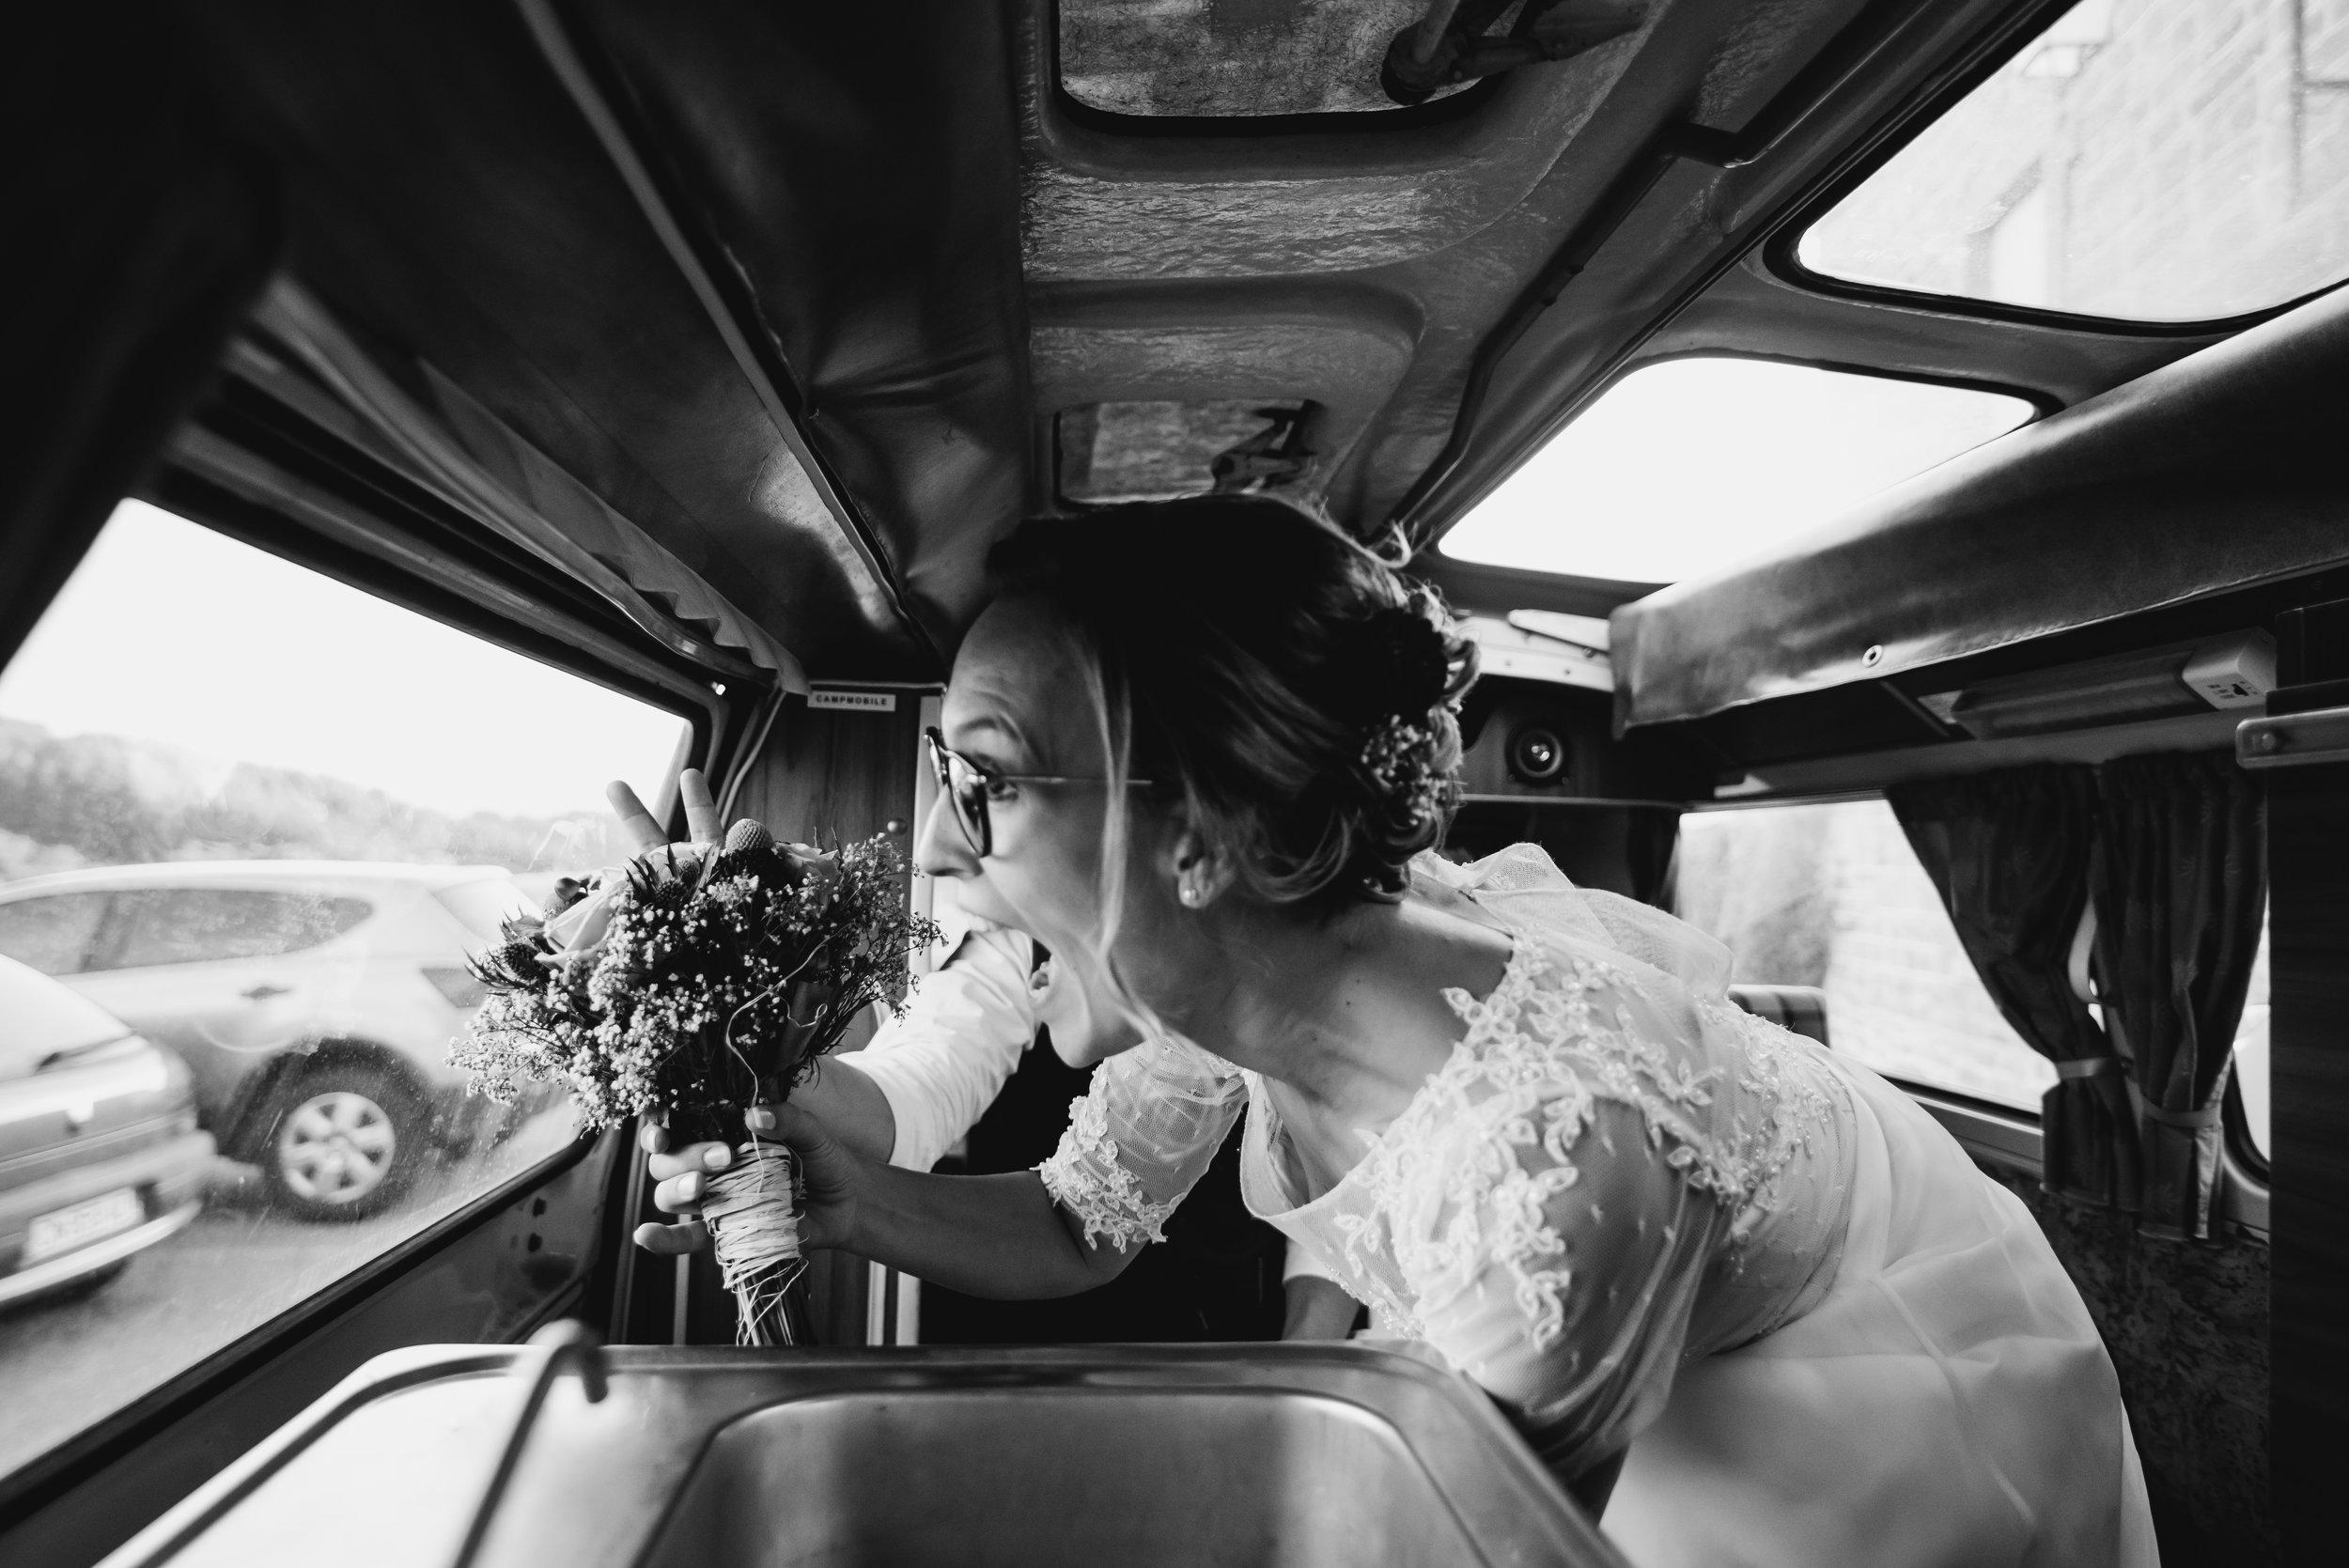 Léa-Fery-photographe-professionnel-lyon-rhone-alpes-portrait-creation-mariage-evenement-evenementiel-famille-2999.jpg